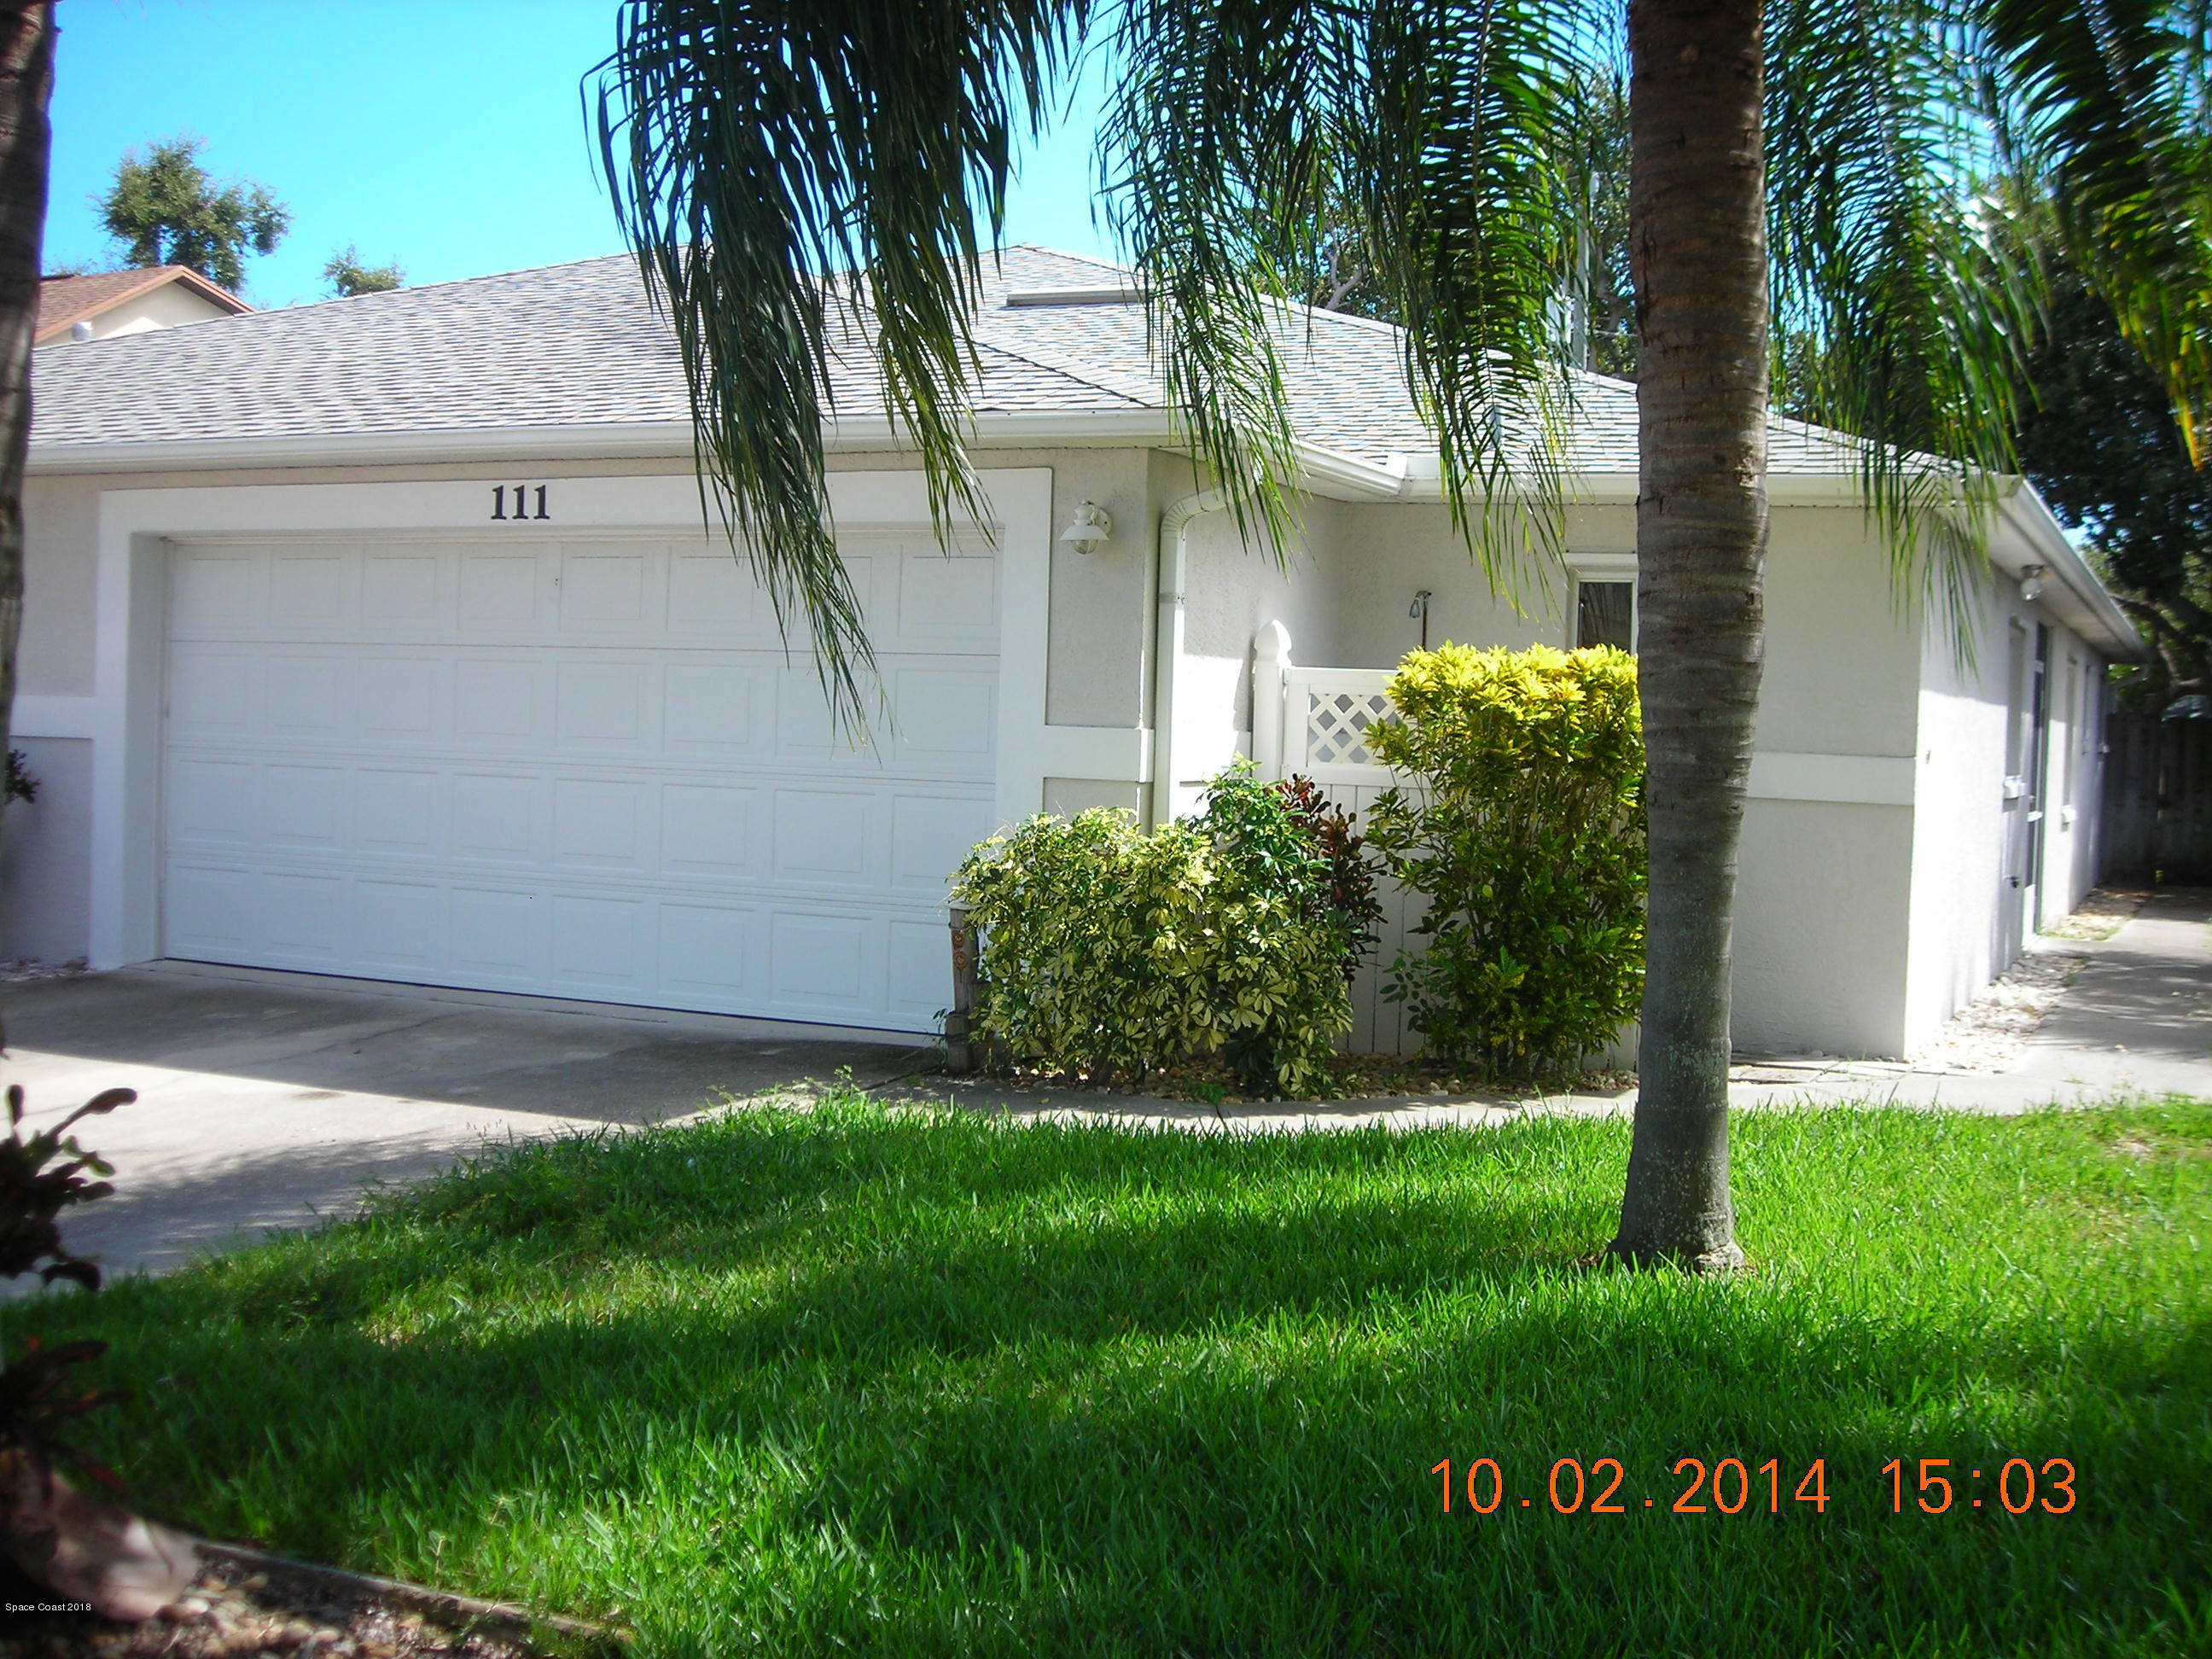 Nhà ở một gia đình vì Thuê tại 111 Adams 111 Adams Cape Canaveral, Florida 32920 Hoa Kỳ